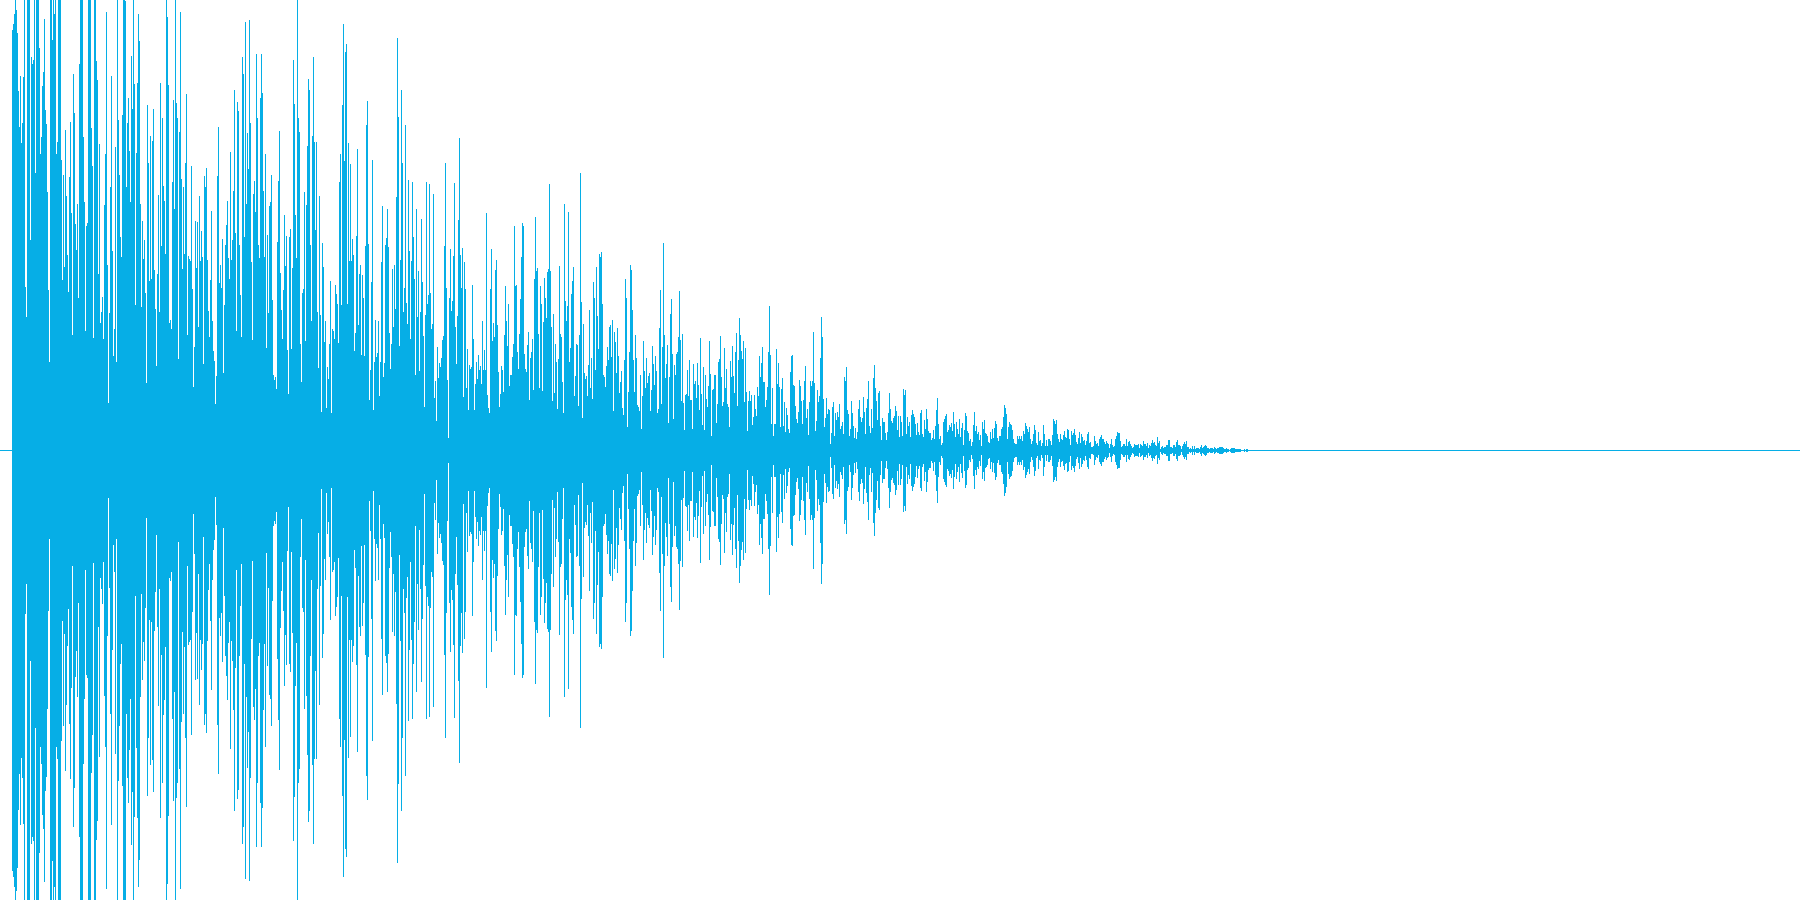 ボタン・カーソル・操作音 「カッ」の再生済みの波形